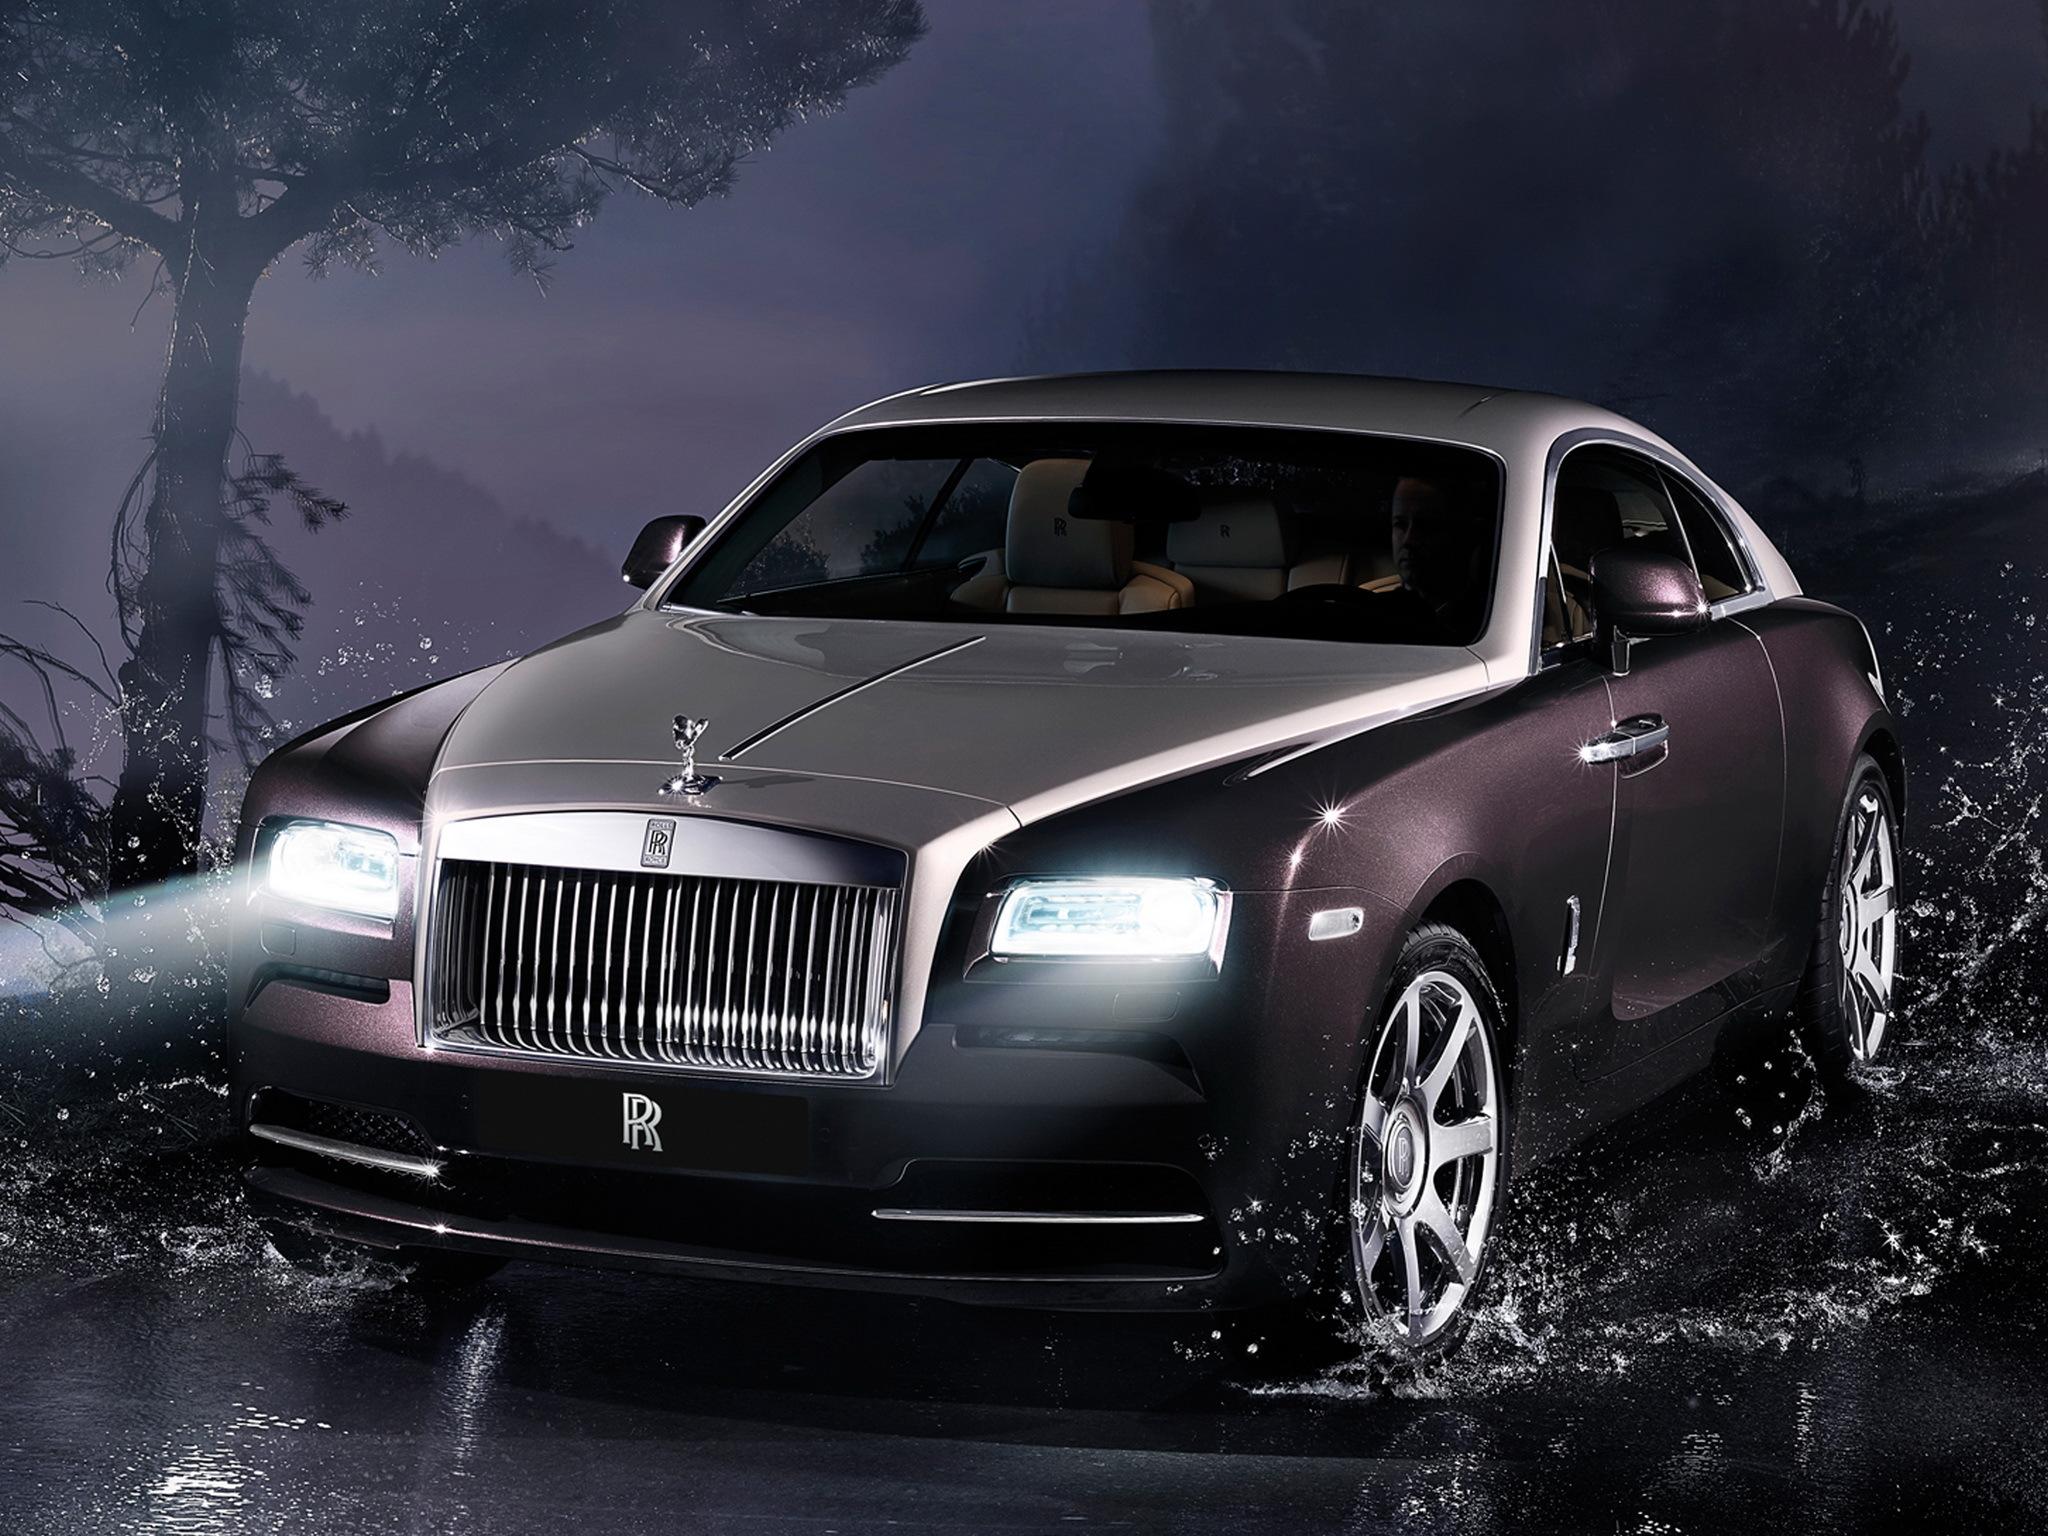 105801 Заставки и Обои Вид Спереди на телефон. Скачать Вид Спереди, Ночь, Тачки (Cars), Rolls-Royce, Wraith, Rolls-Royce Wraith 2013 картинки бесплатно